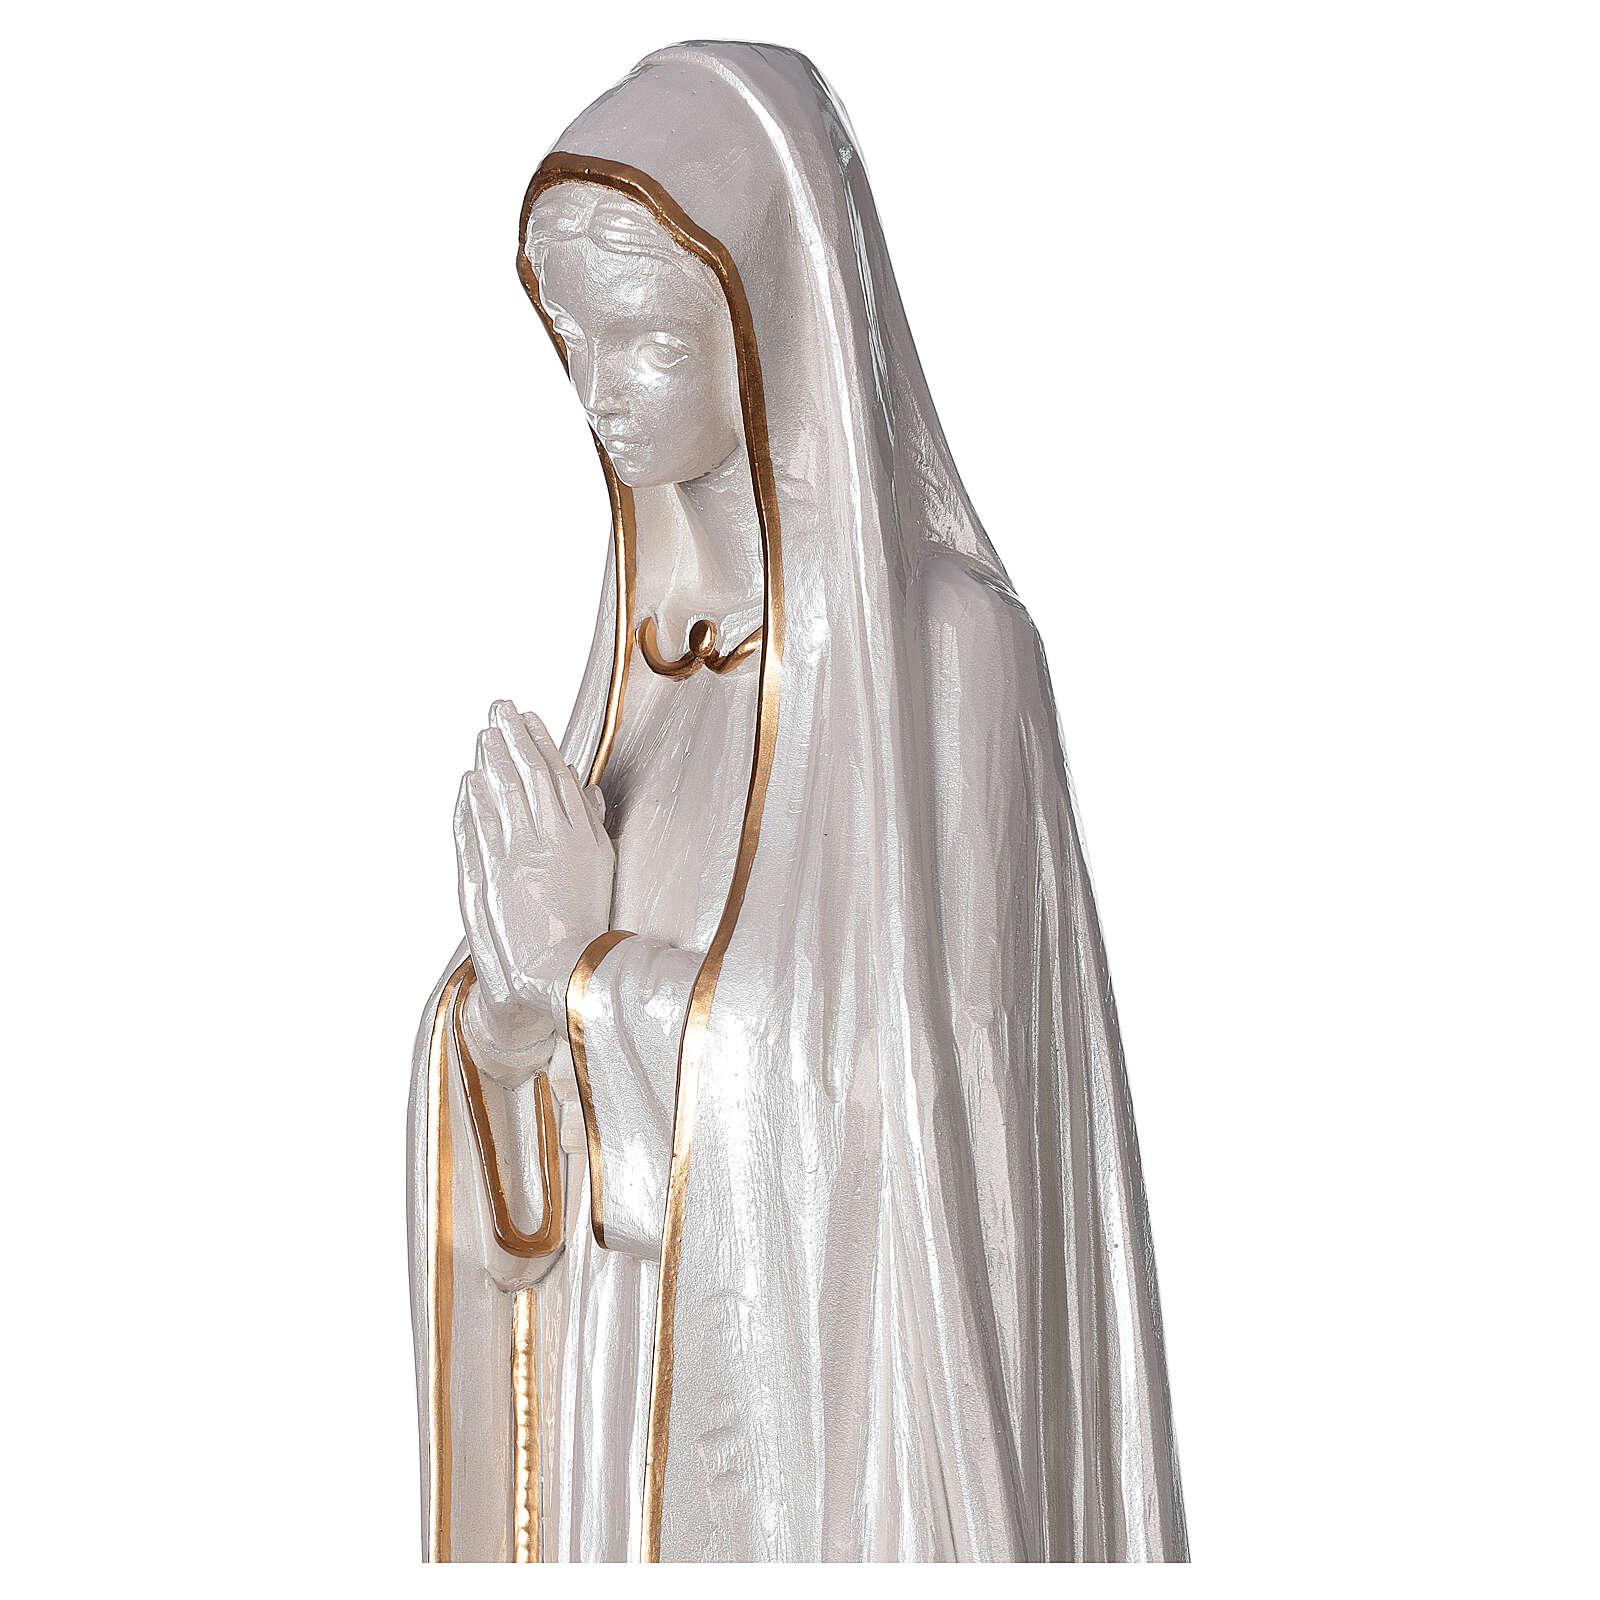 Statua Madonna Fatima polvere marmo fin. madreperlata oro 60 cm 4